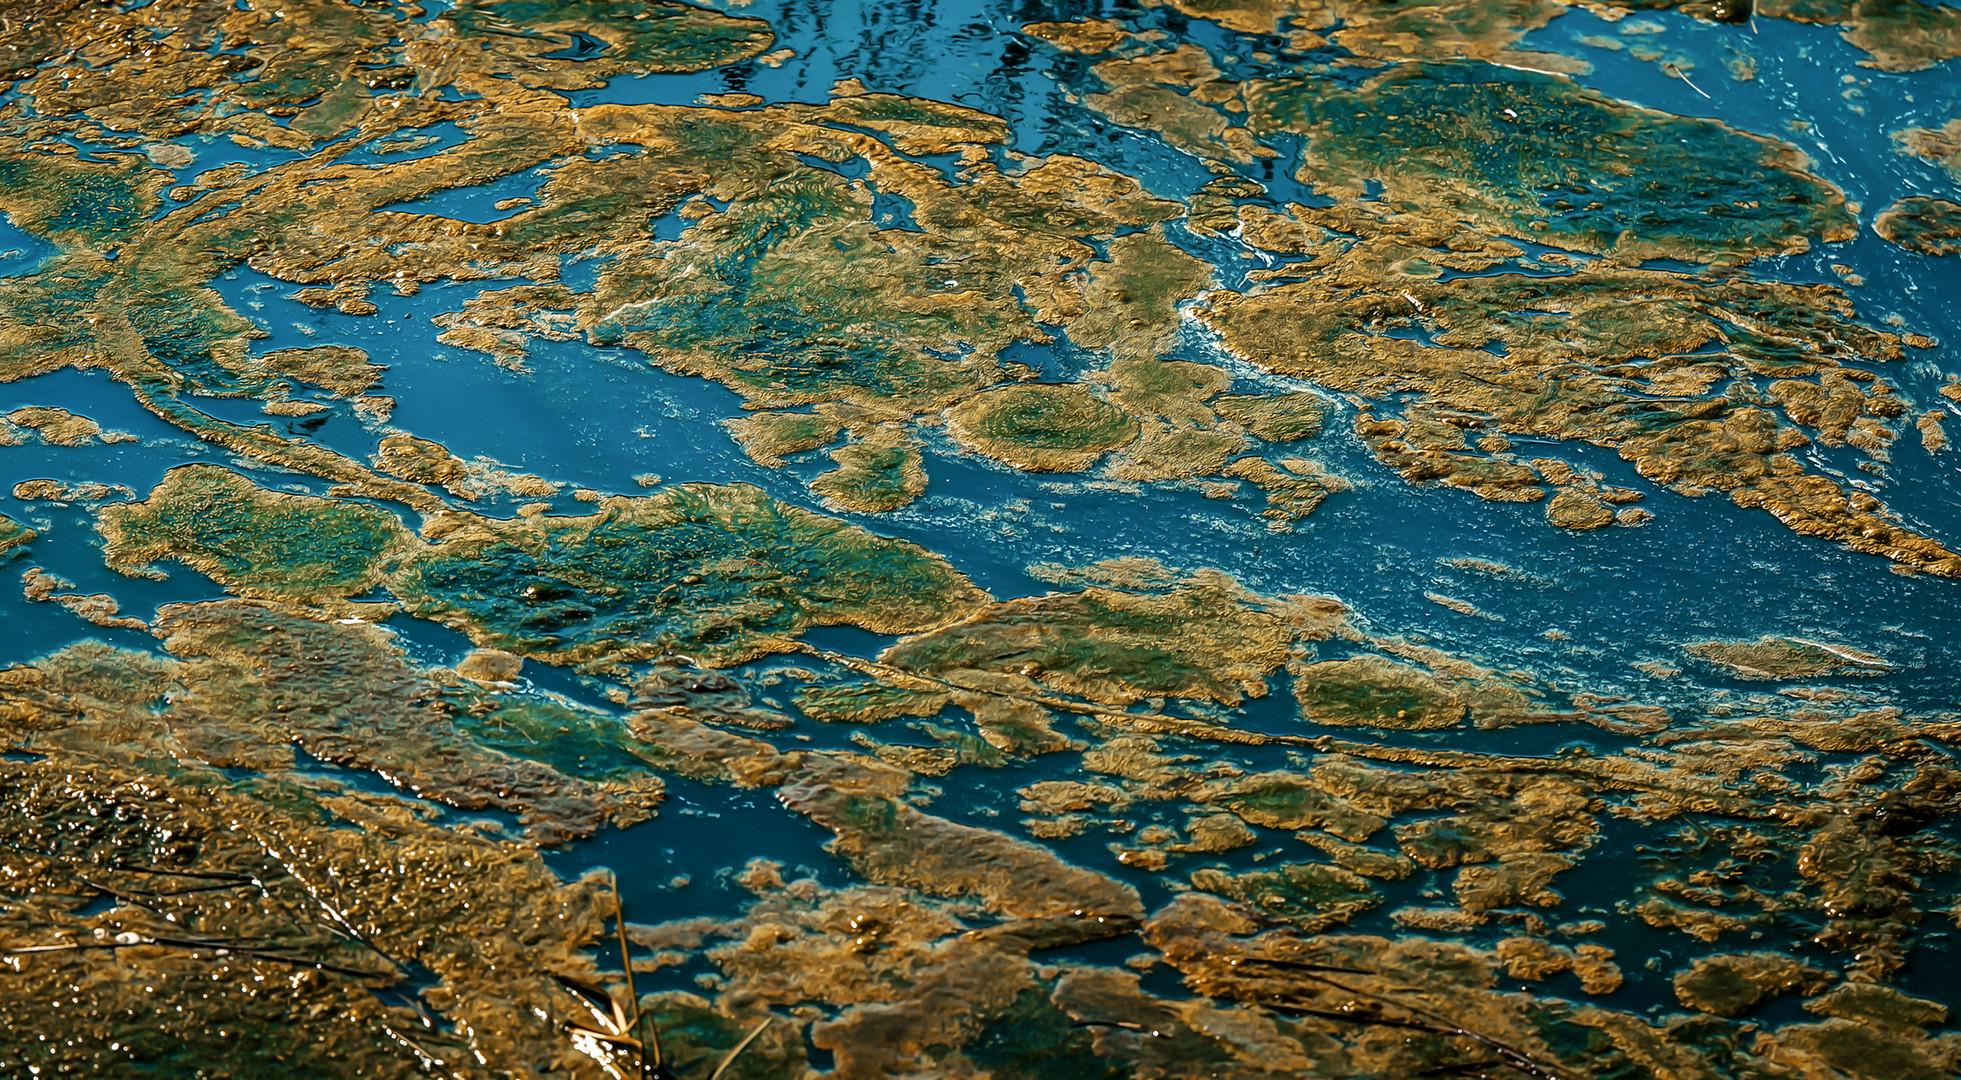 Philippinen, Amazonien, die Erde aus dem All ?